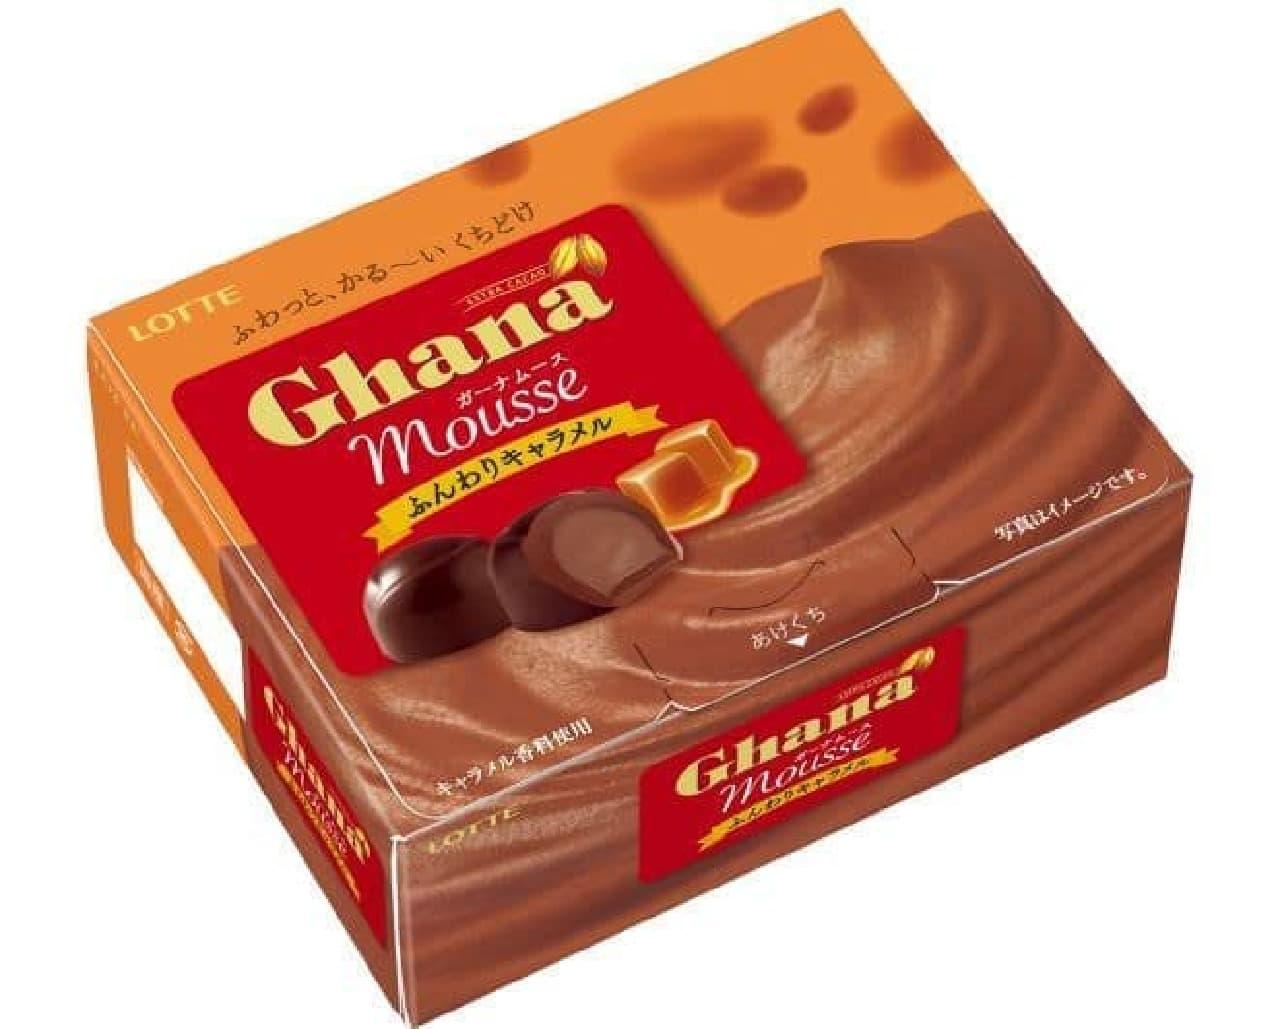 ガーナムース<ふんわりキャラメル>は、軽いくちどけに仕上げられたキャラメルチョコムースをガーナミルクで包んだ2層のチョコレート